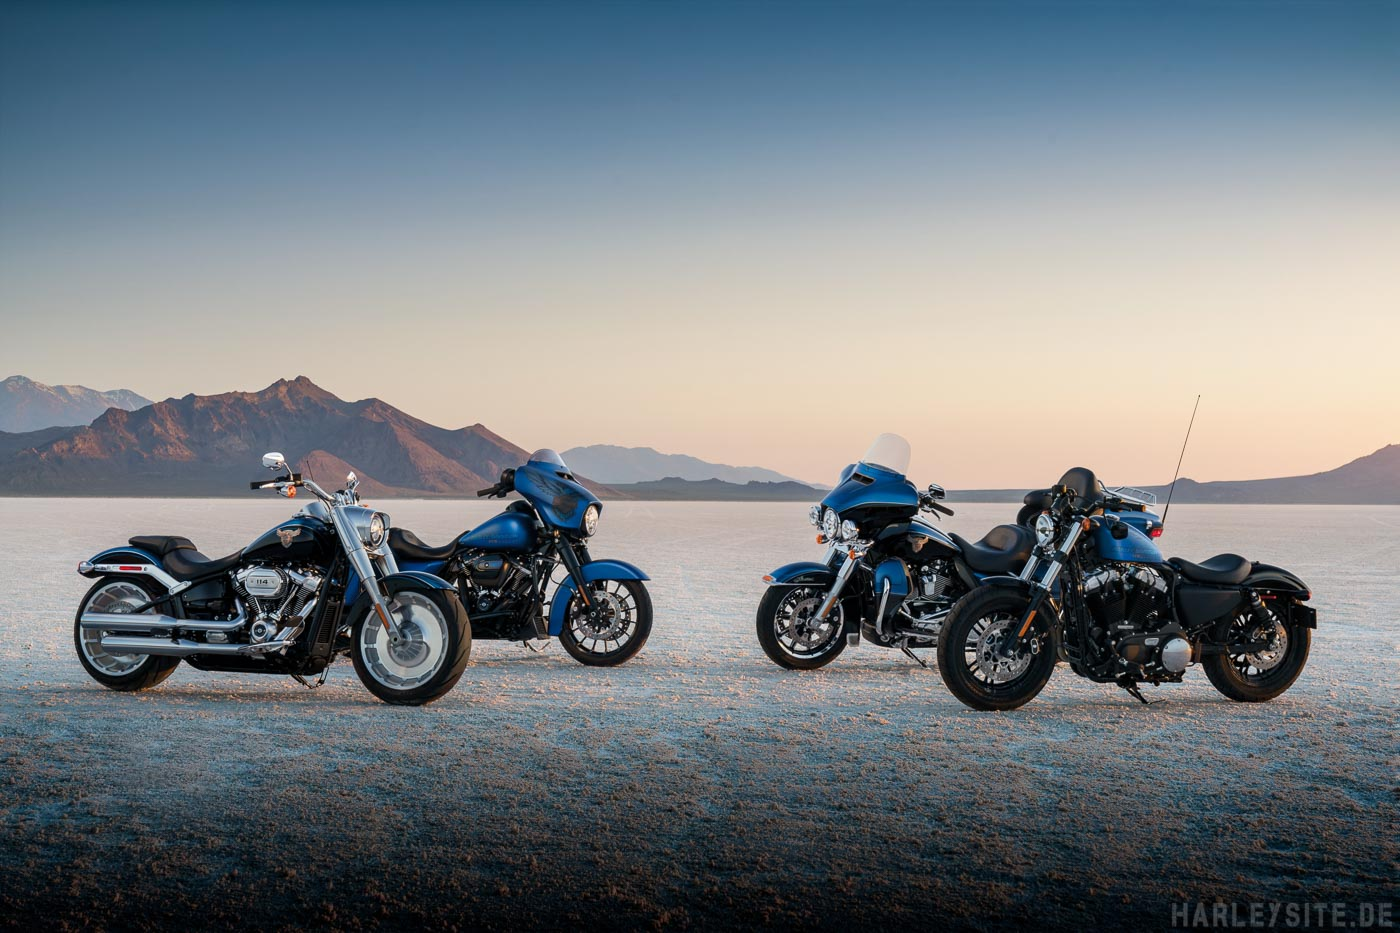 Harley-Davidson feiert sein 115-jähriges Jubiläum und bringt neun 115th Anniversary Sondermodelle